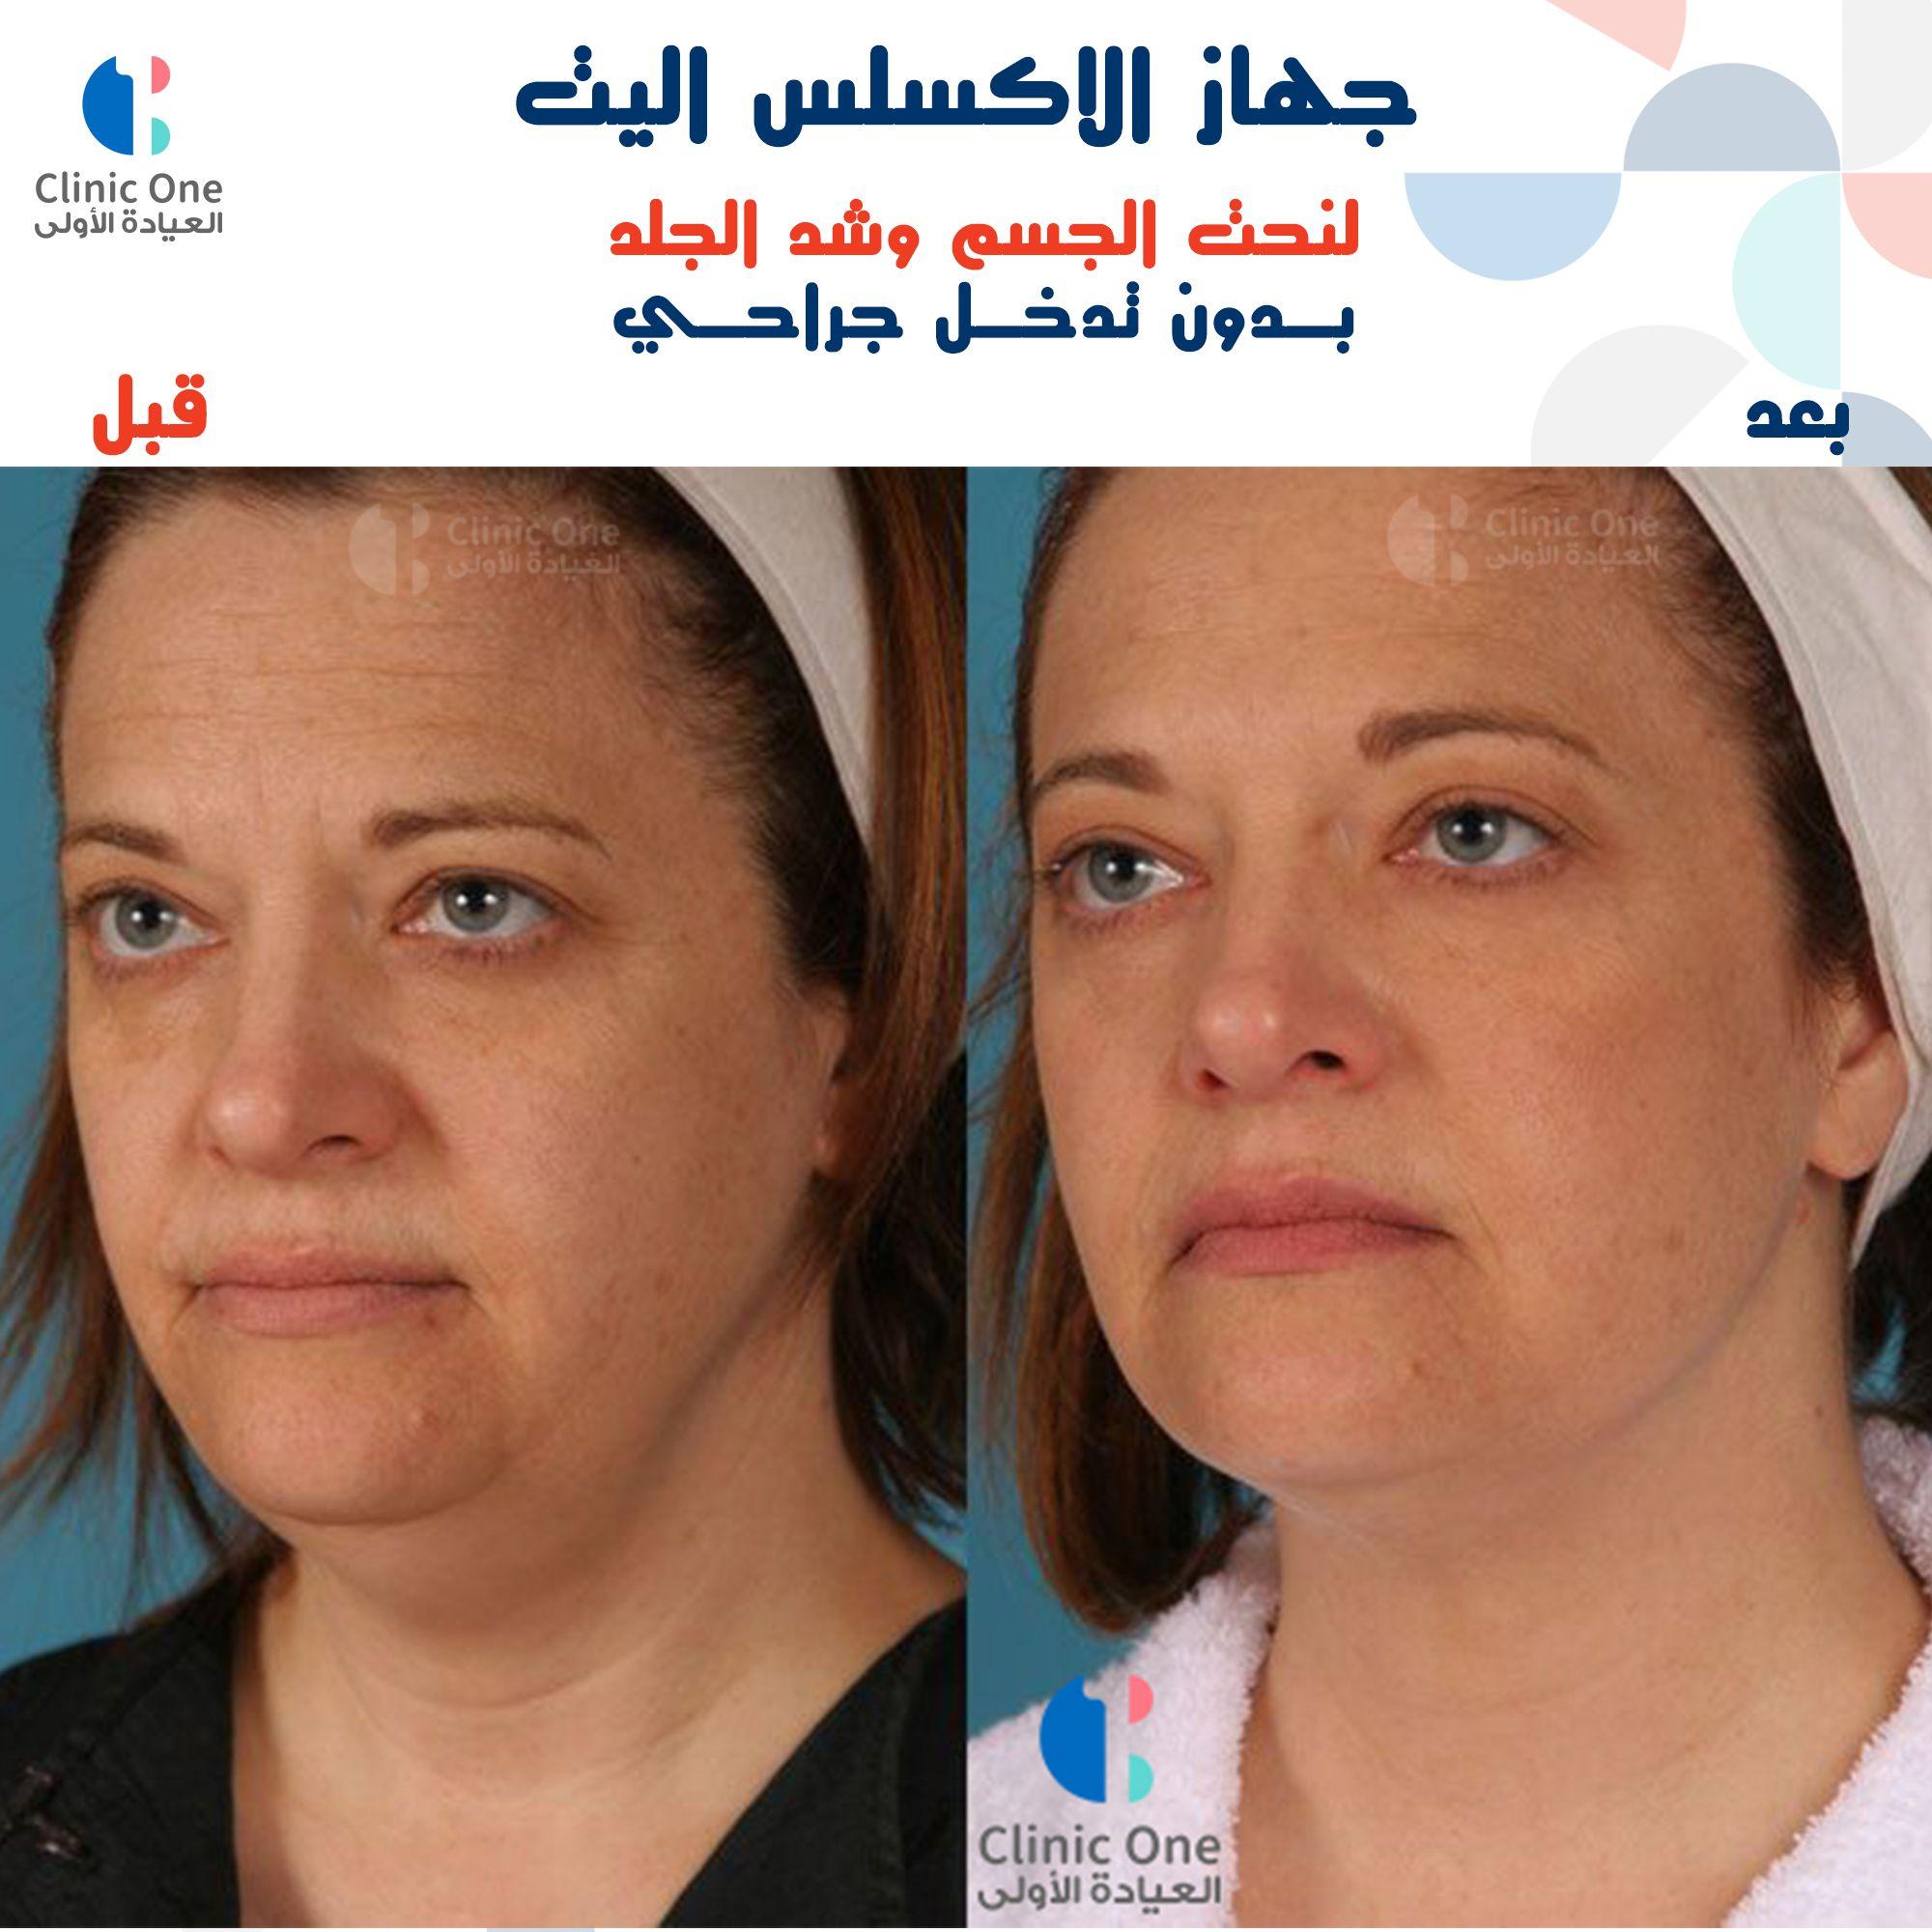 الاكسلس اليت للشد والنحت Lsu 1 J Clinic